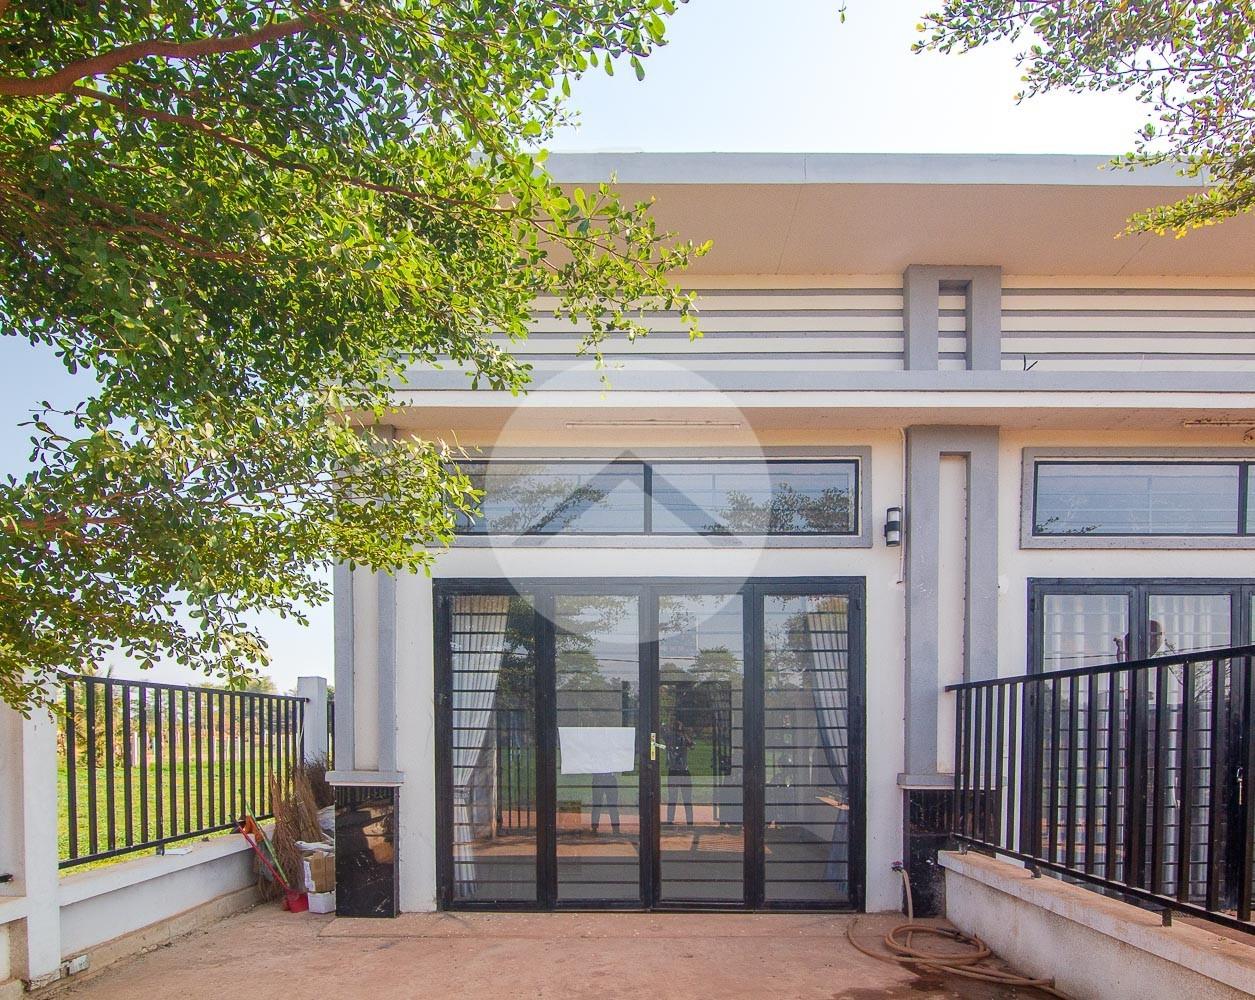 2 Bedroom House For Sale - Chreav, Siem Reap